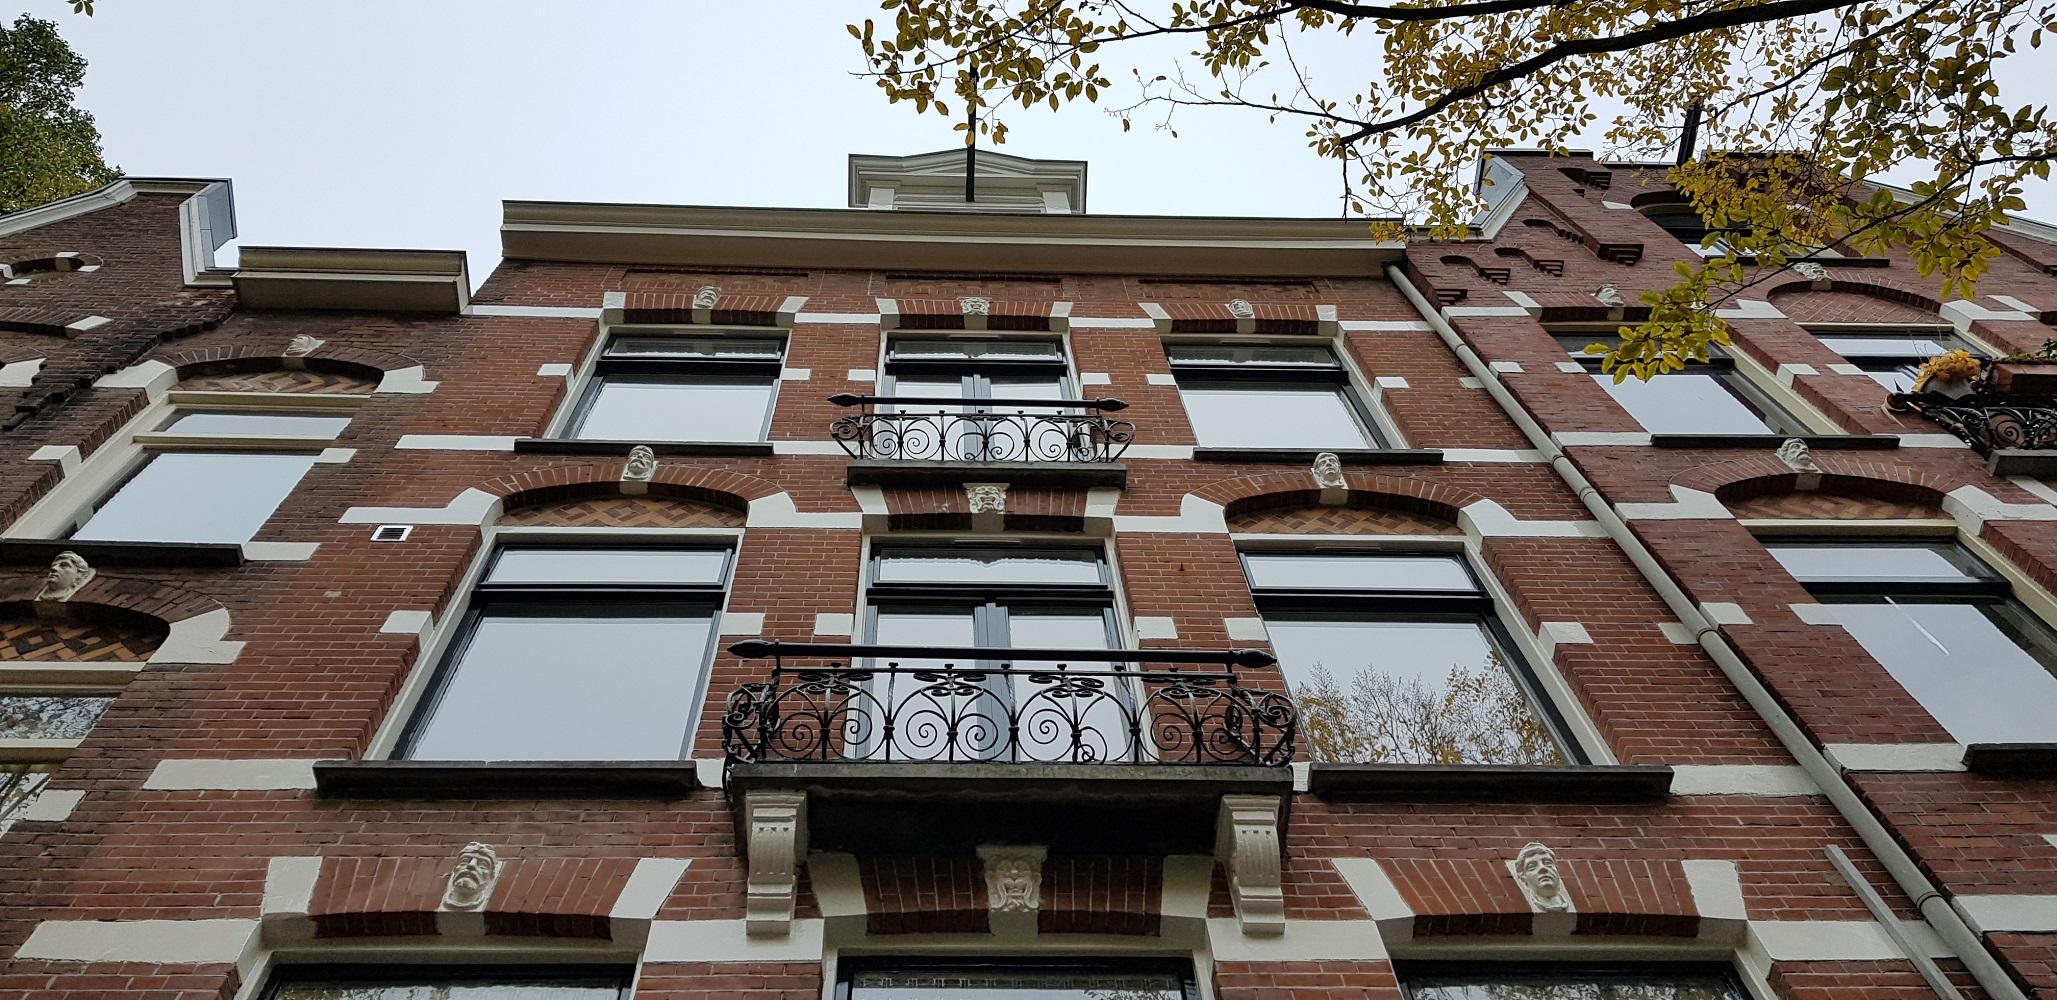 UFA Bouw_Verbouwing_Bosboom Toussaintstraat 31_voorzijde 2 etages